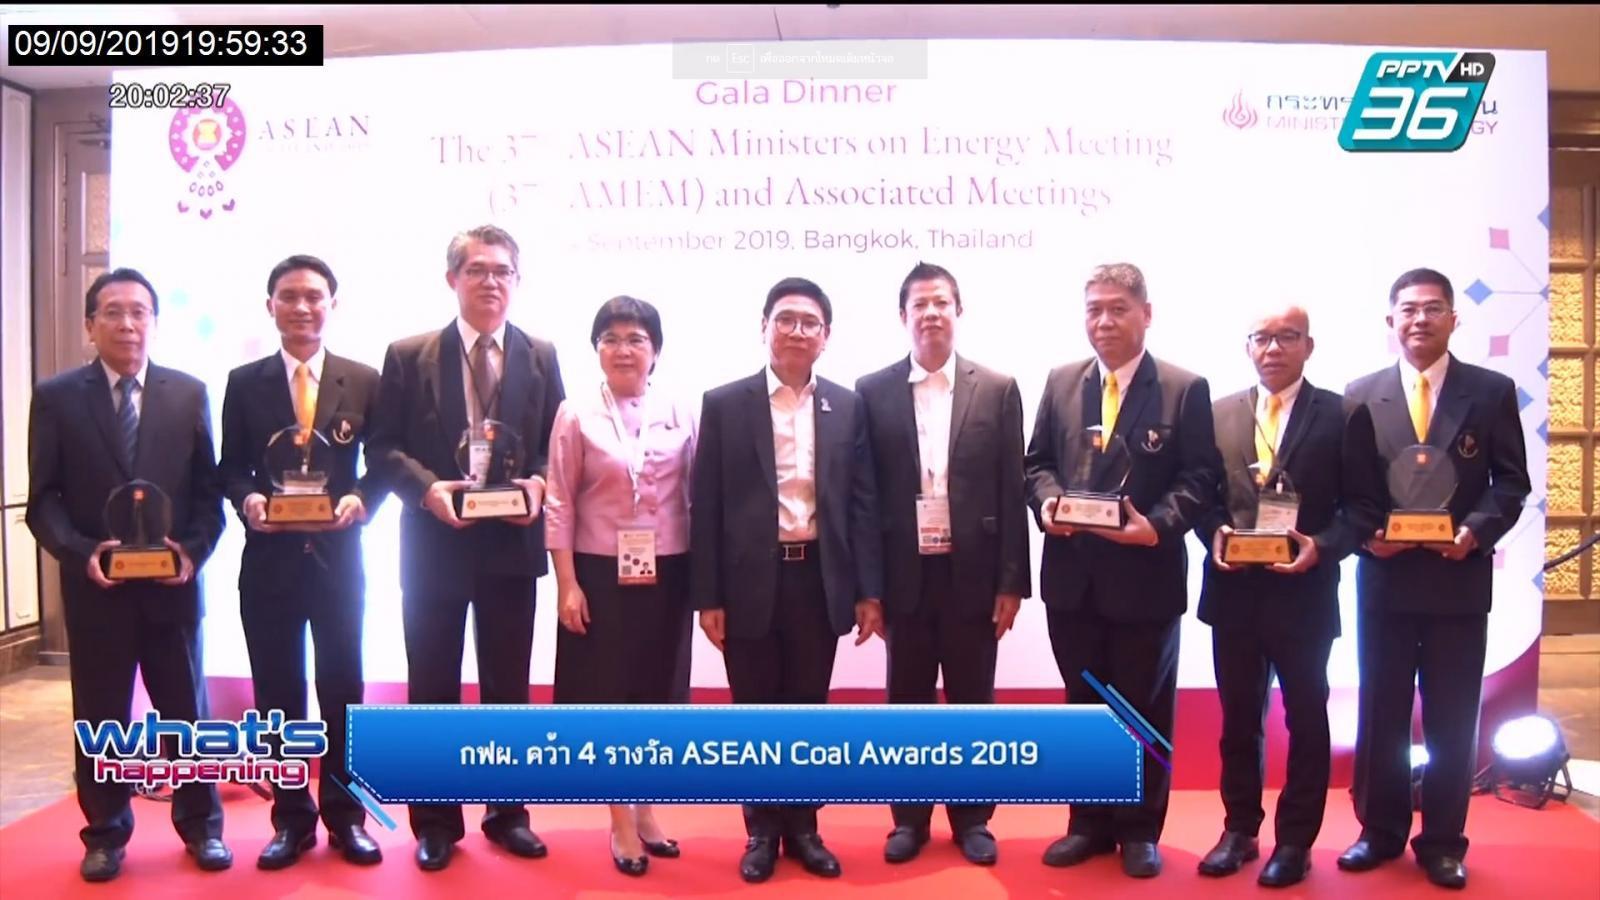 กฟผ. คว้า 4 รางวัล ASEAN Coal Awards 2019